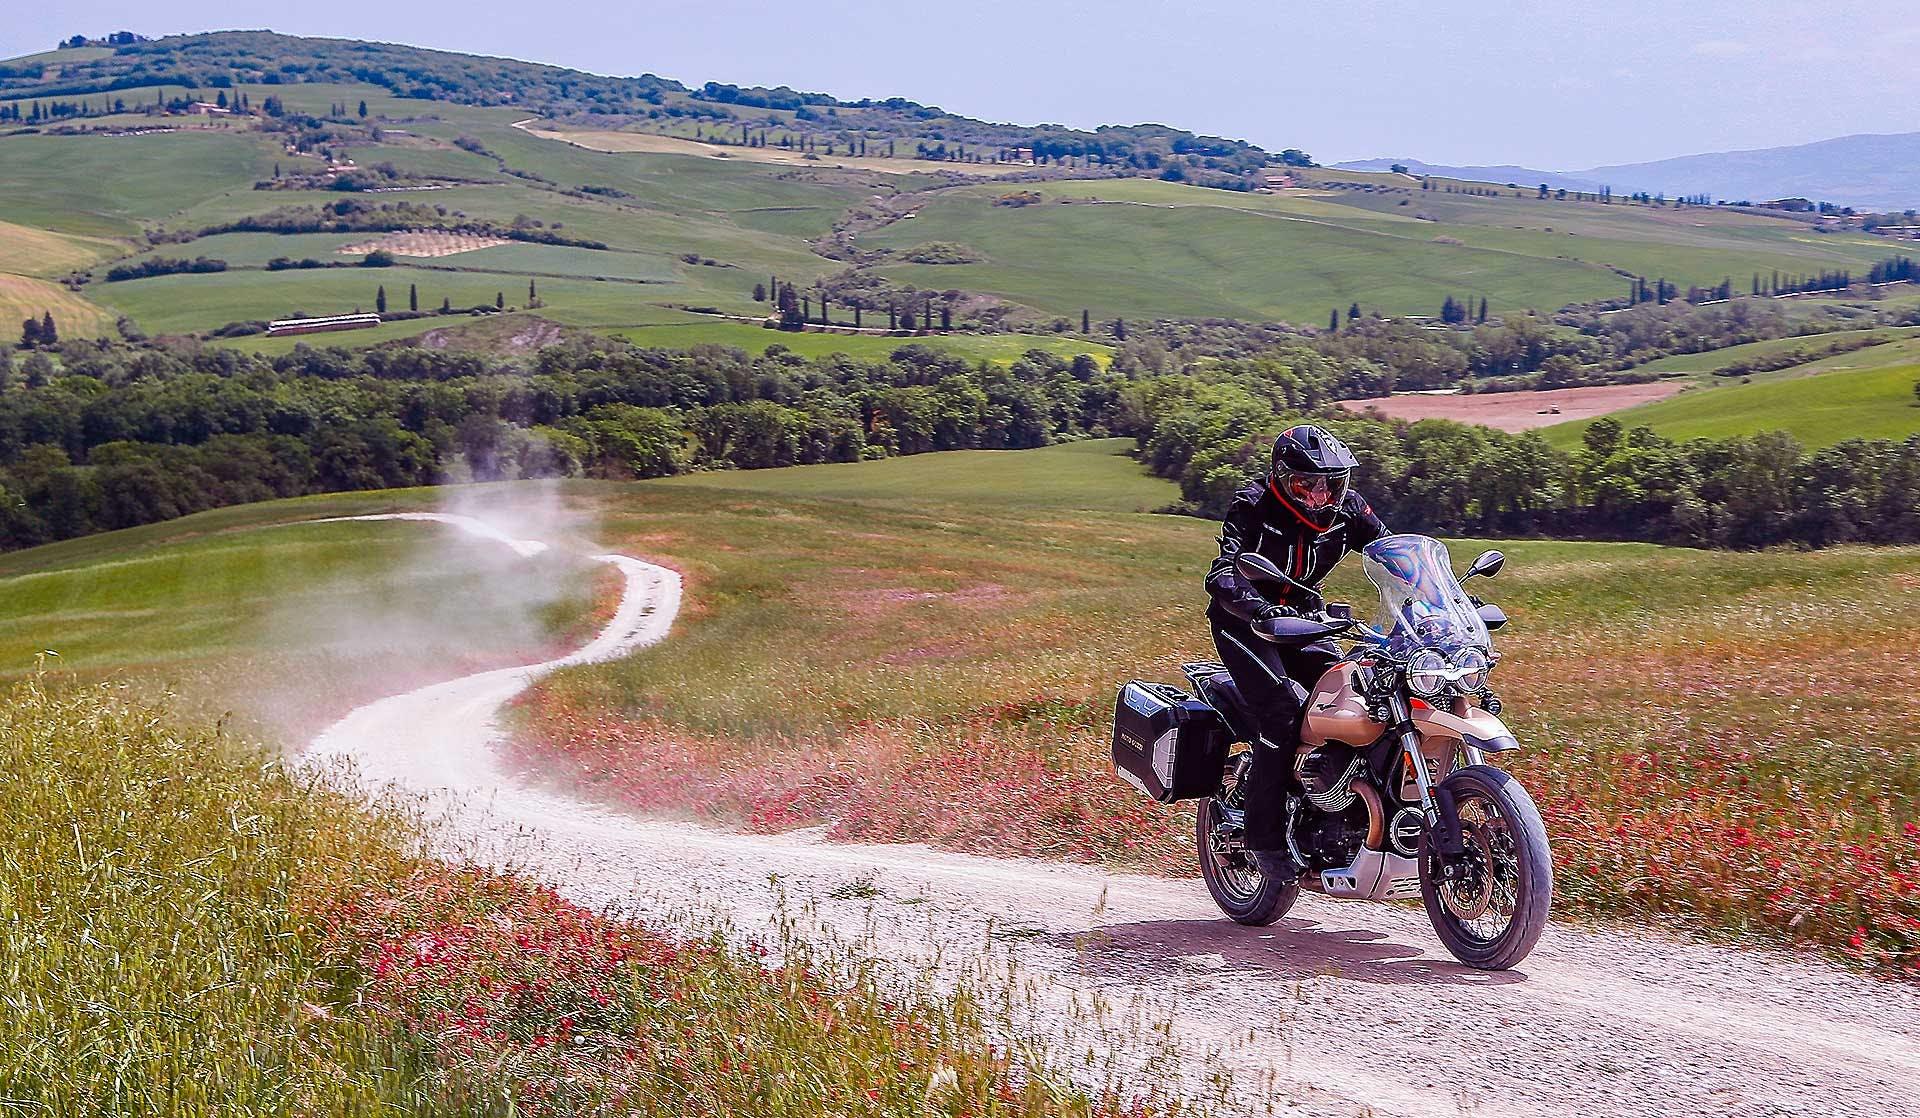 Moto Guzzi V85 TT Travel moto su strade bianche toscane